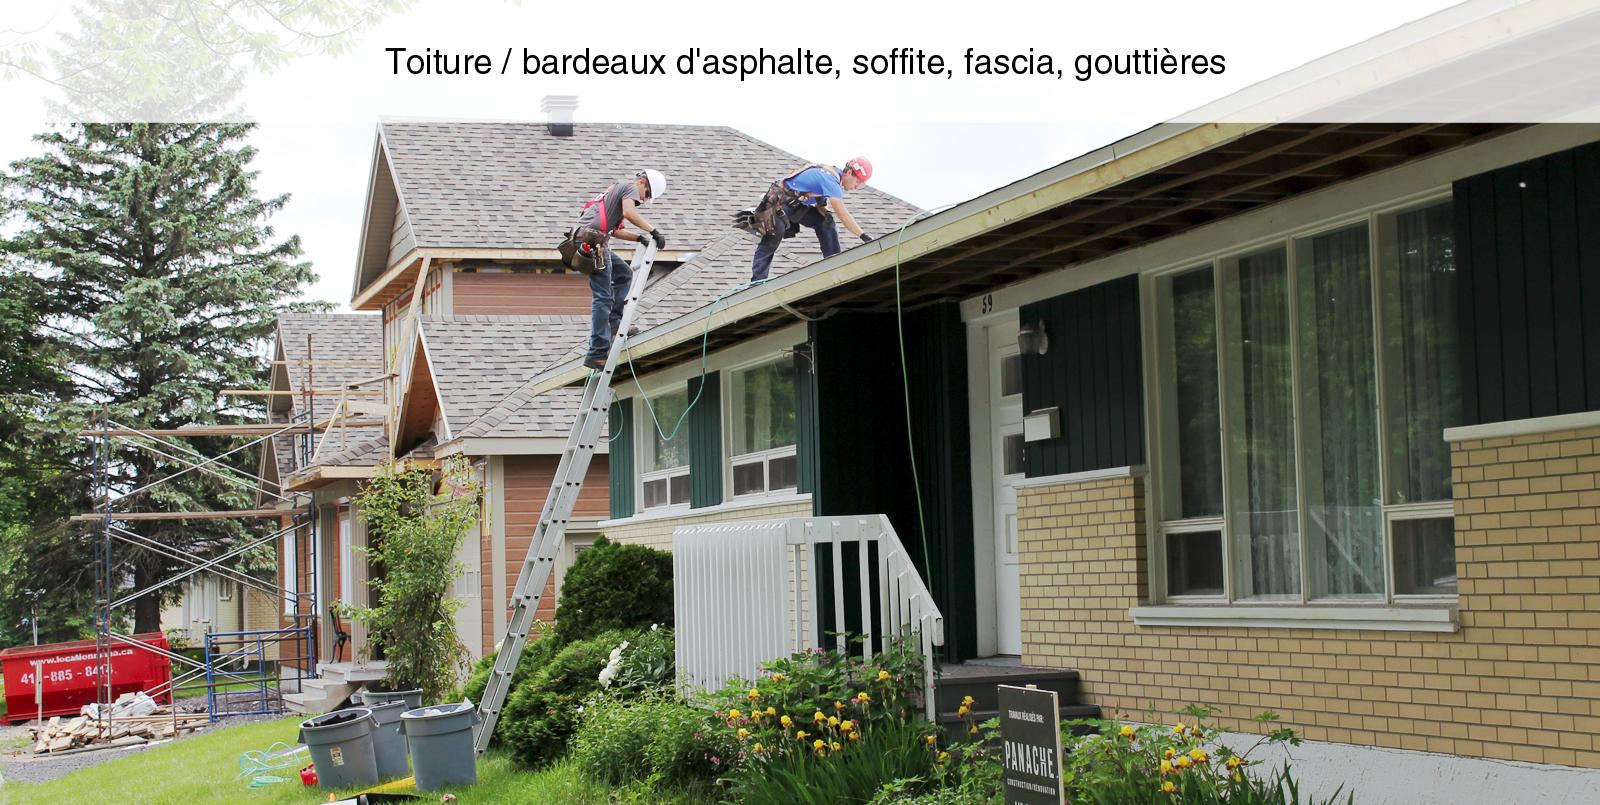 57-1-PANACHE-CONSTRUCTION-RENOVATION-TOITURE-BARDEAUX-ASPHALTE